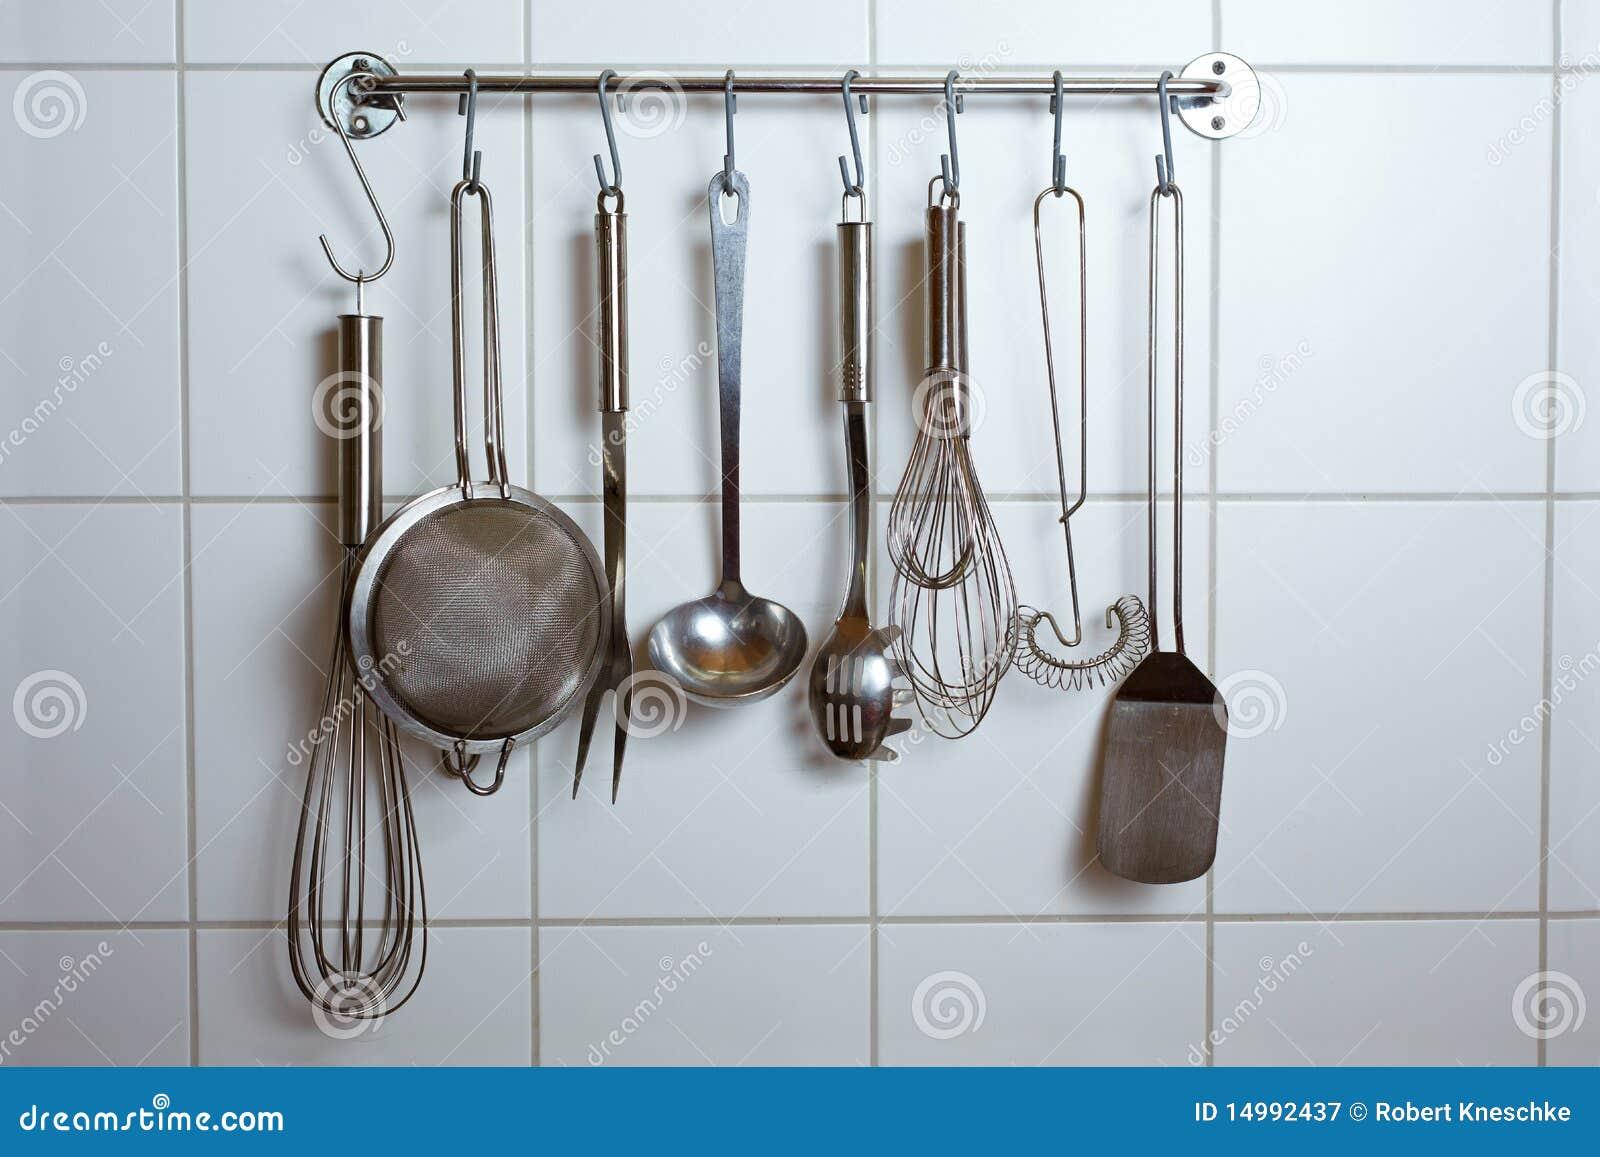 Outils de cuisine image stock image du ustensiles personne 14992437 - Outil de cuisine liste ...